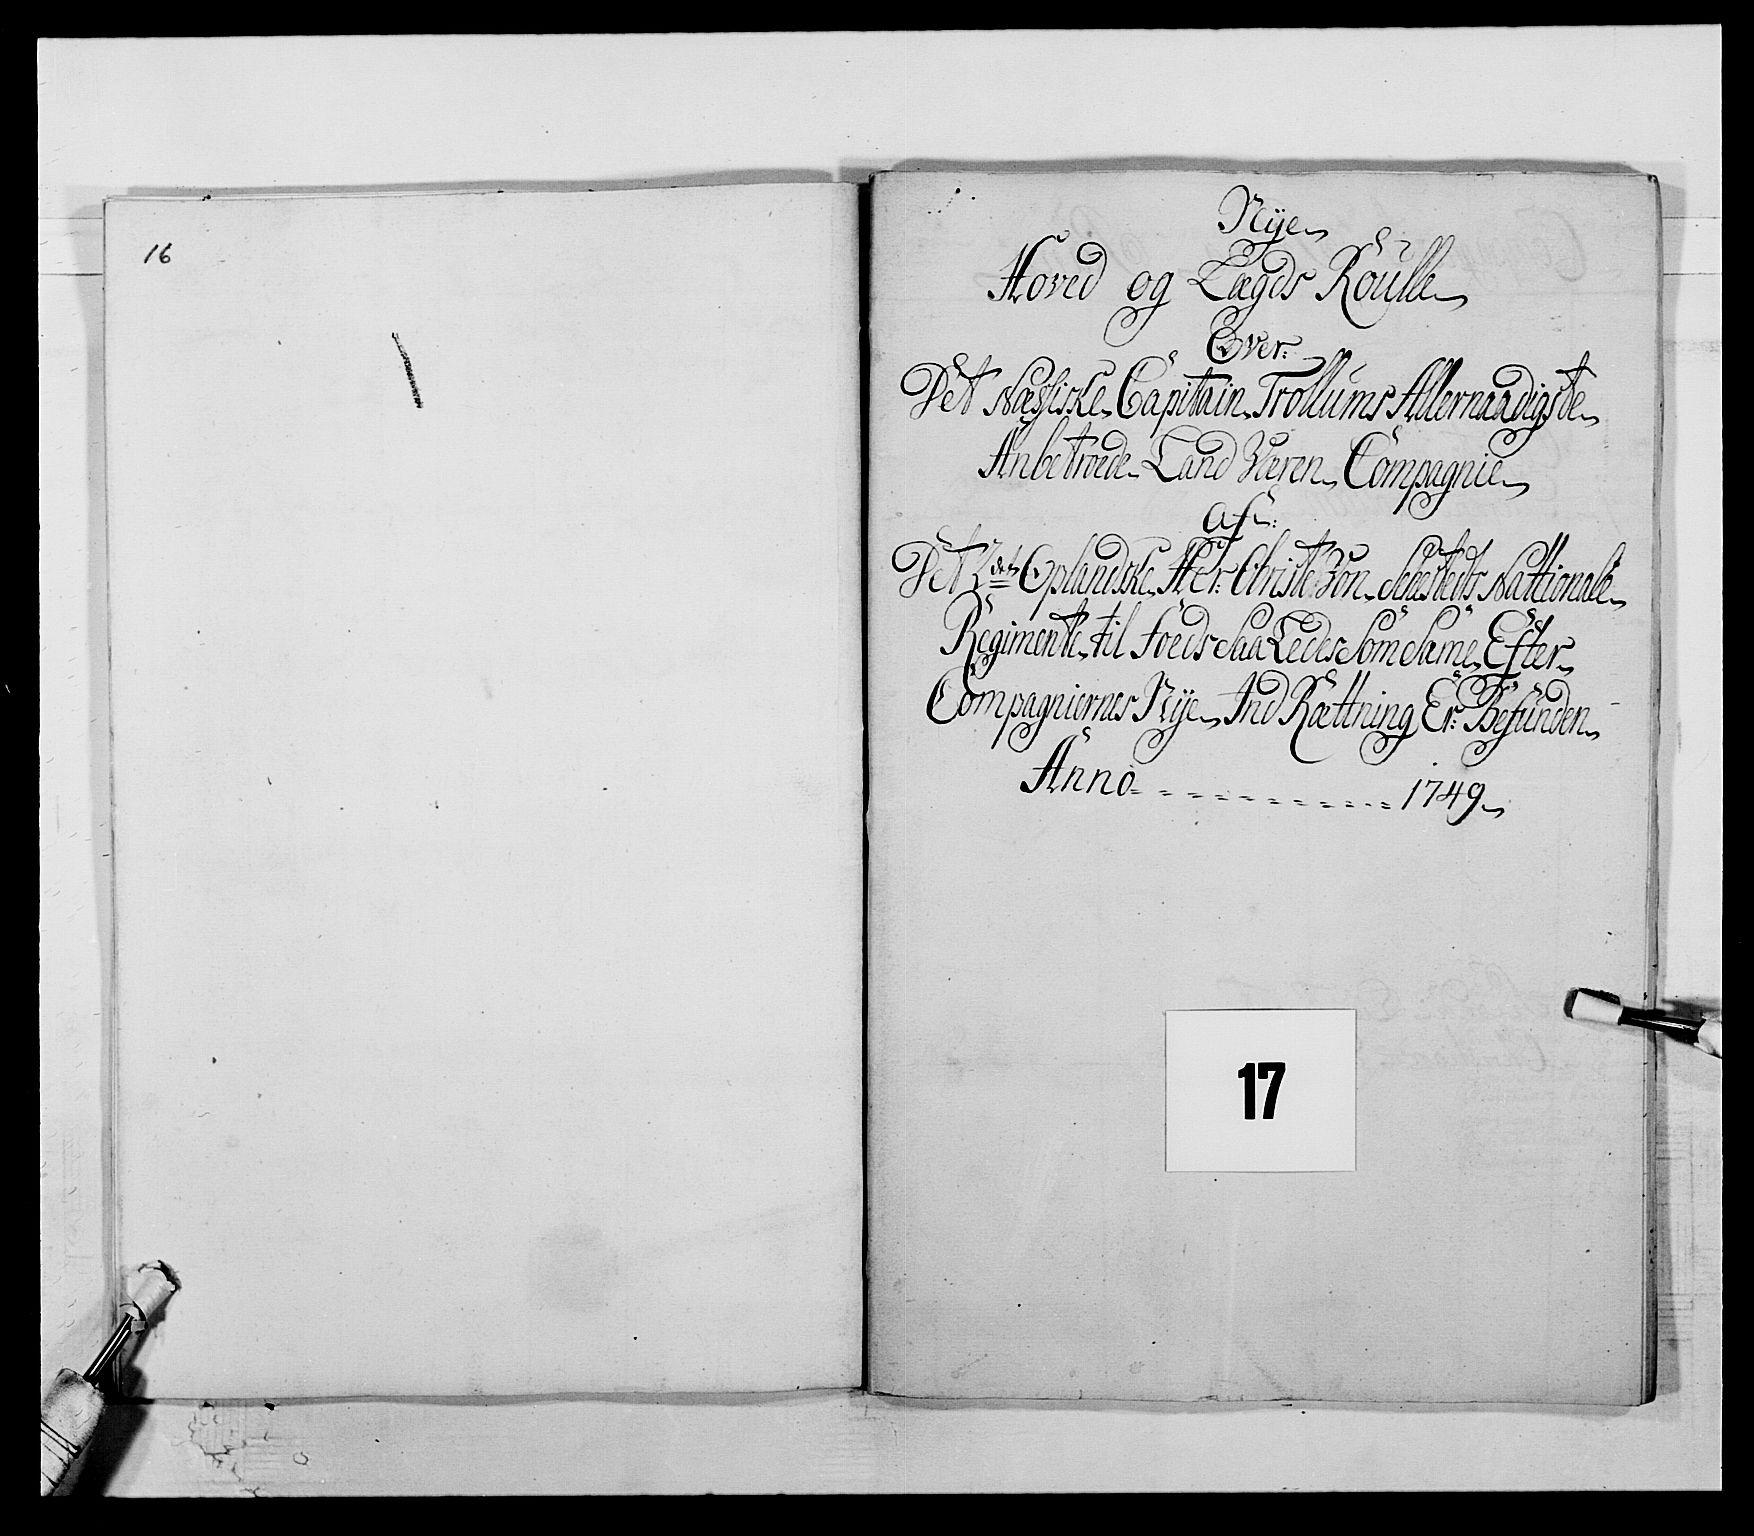 RA, Kommanderende general (KG I) med Det norske krigsdirektorium, E/Ea/L0505: 2. Opplandske regiment, 1748, s. 466